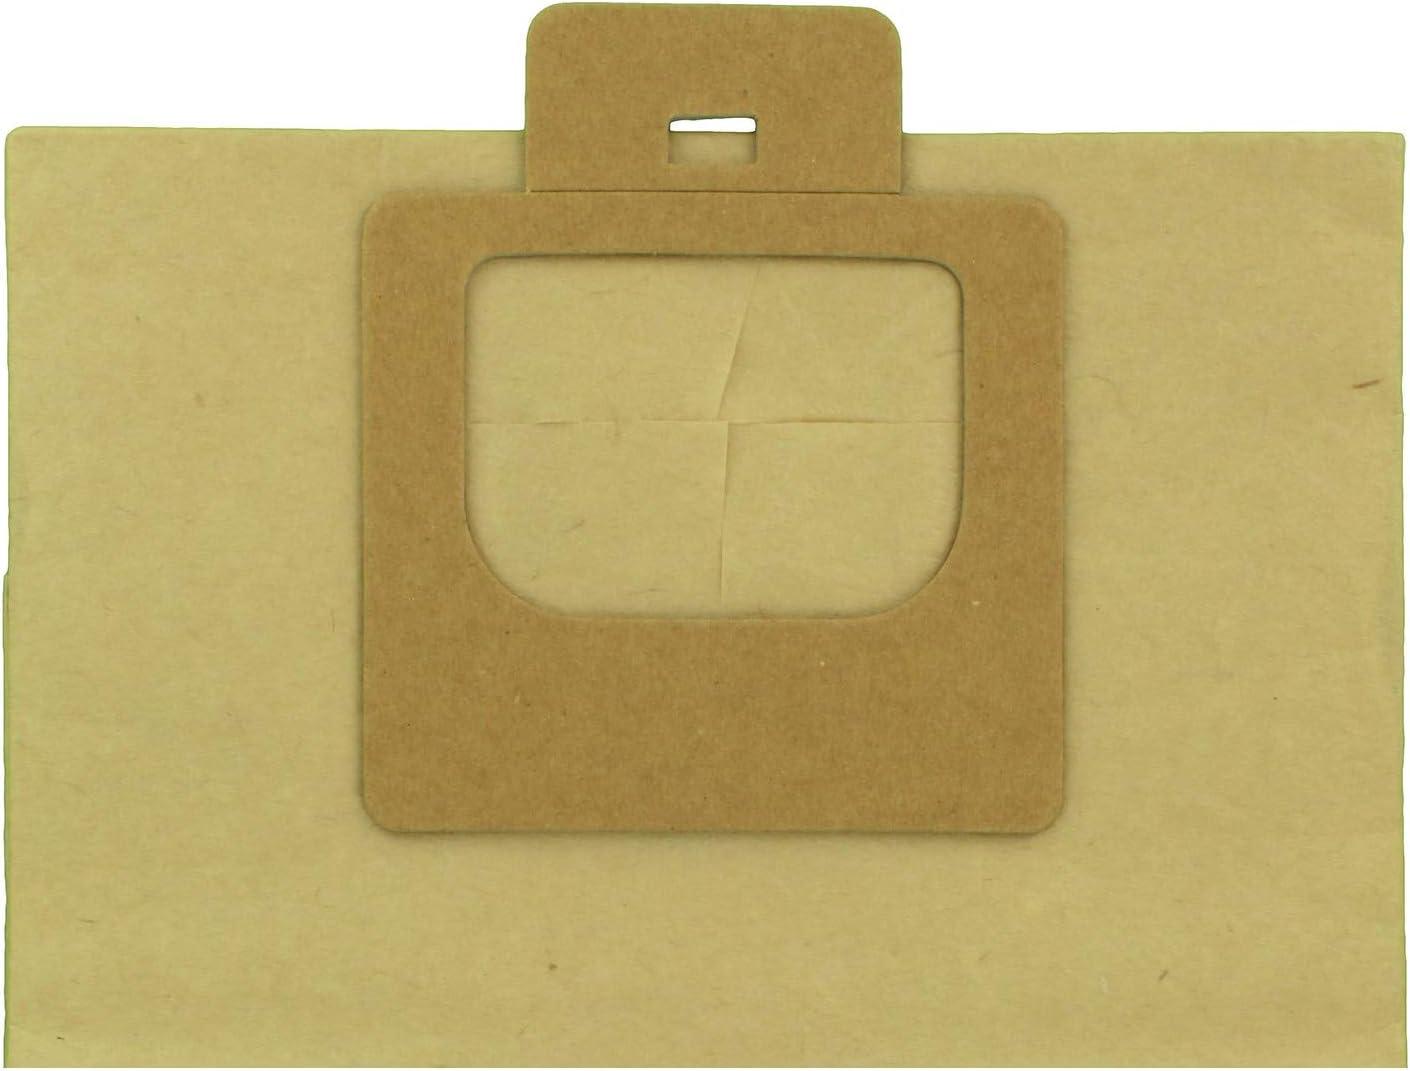 Bidon Paxanpax VB381 Confezione da 5 Powerjet VB381-Sacchetti di Carta compatibili Moulinex A26B01 Super Trio Serie Compact